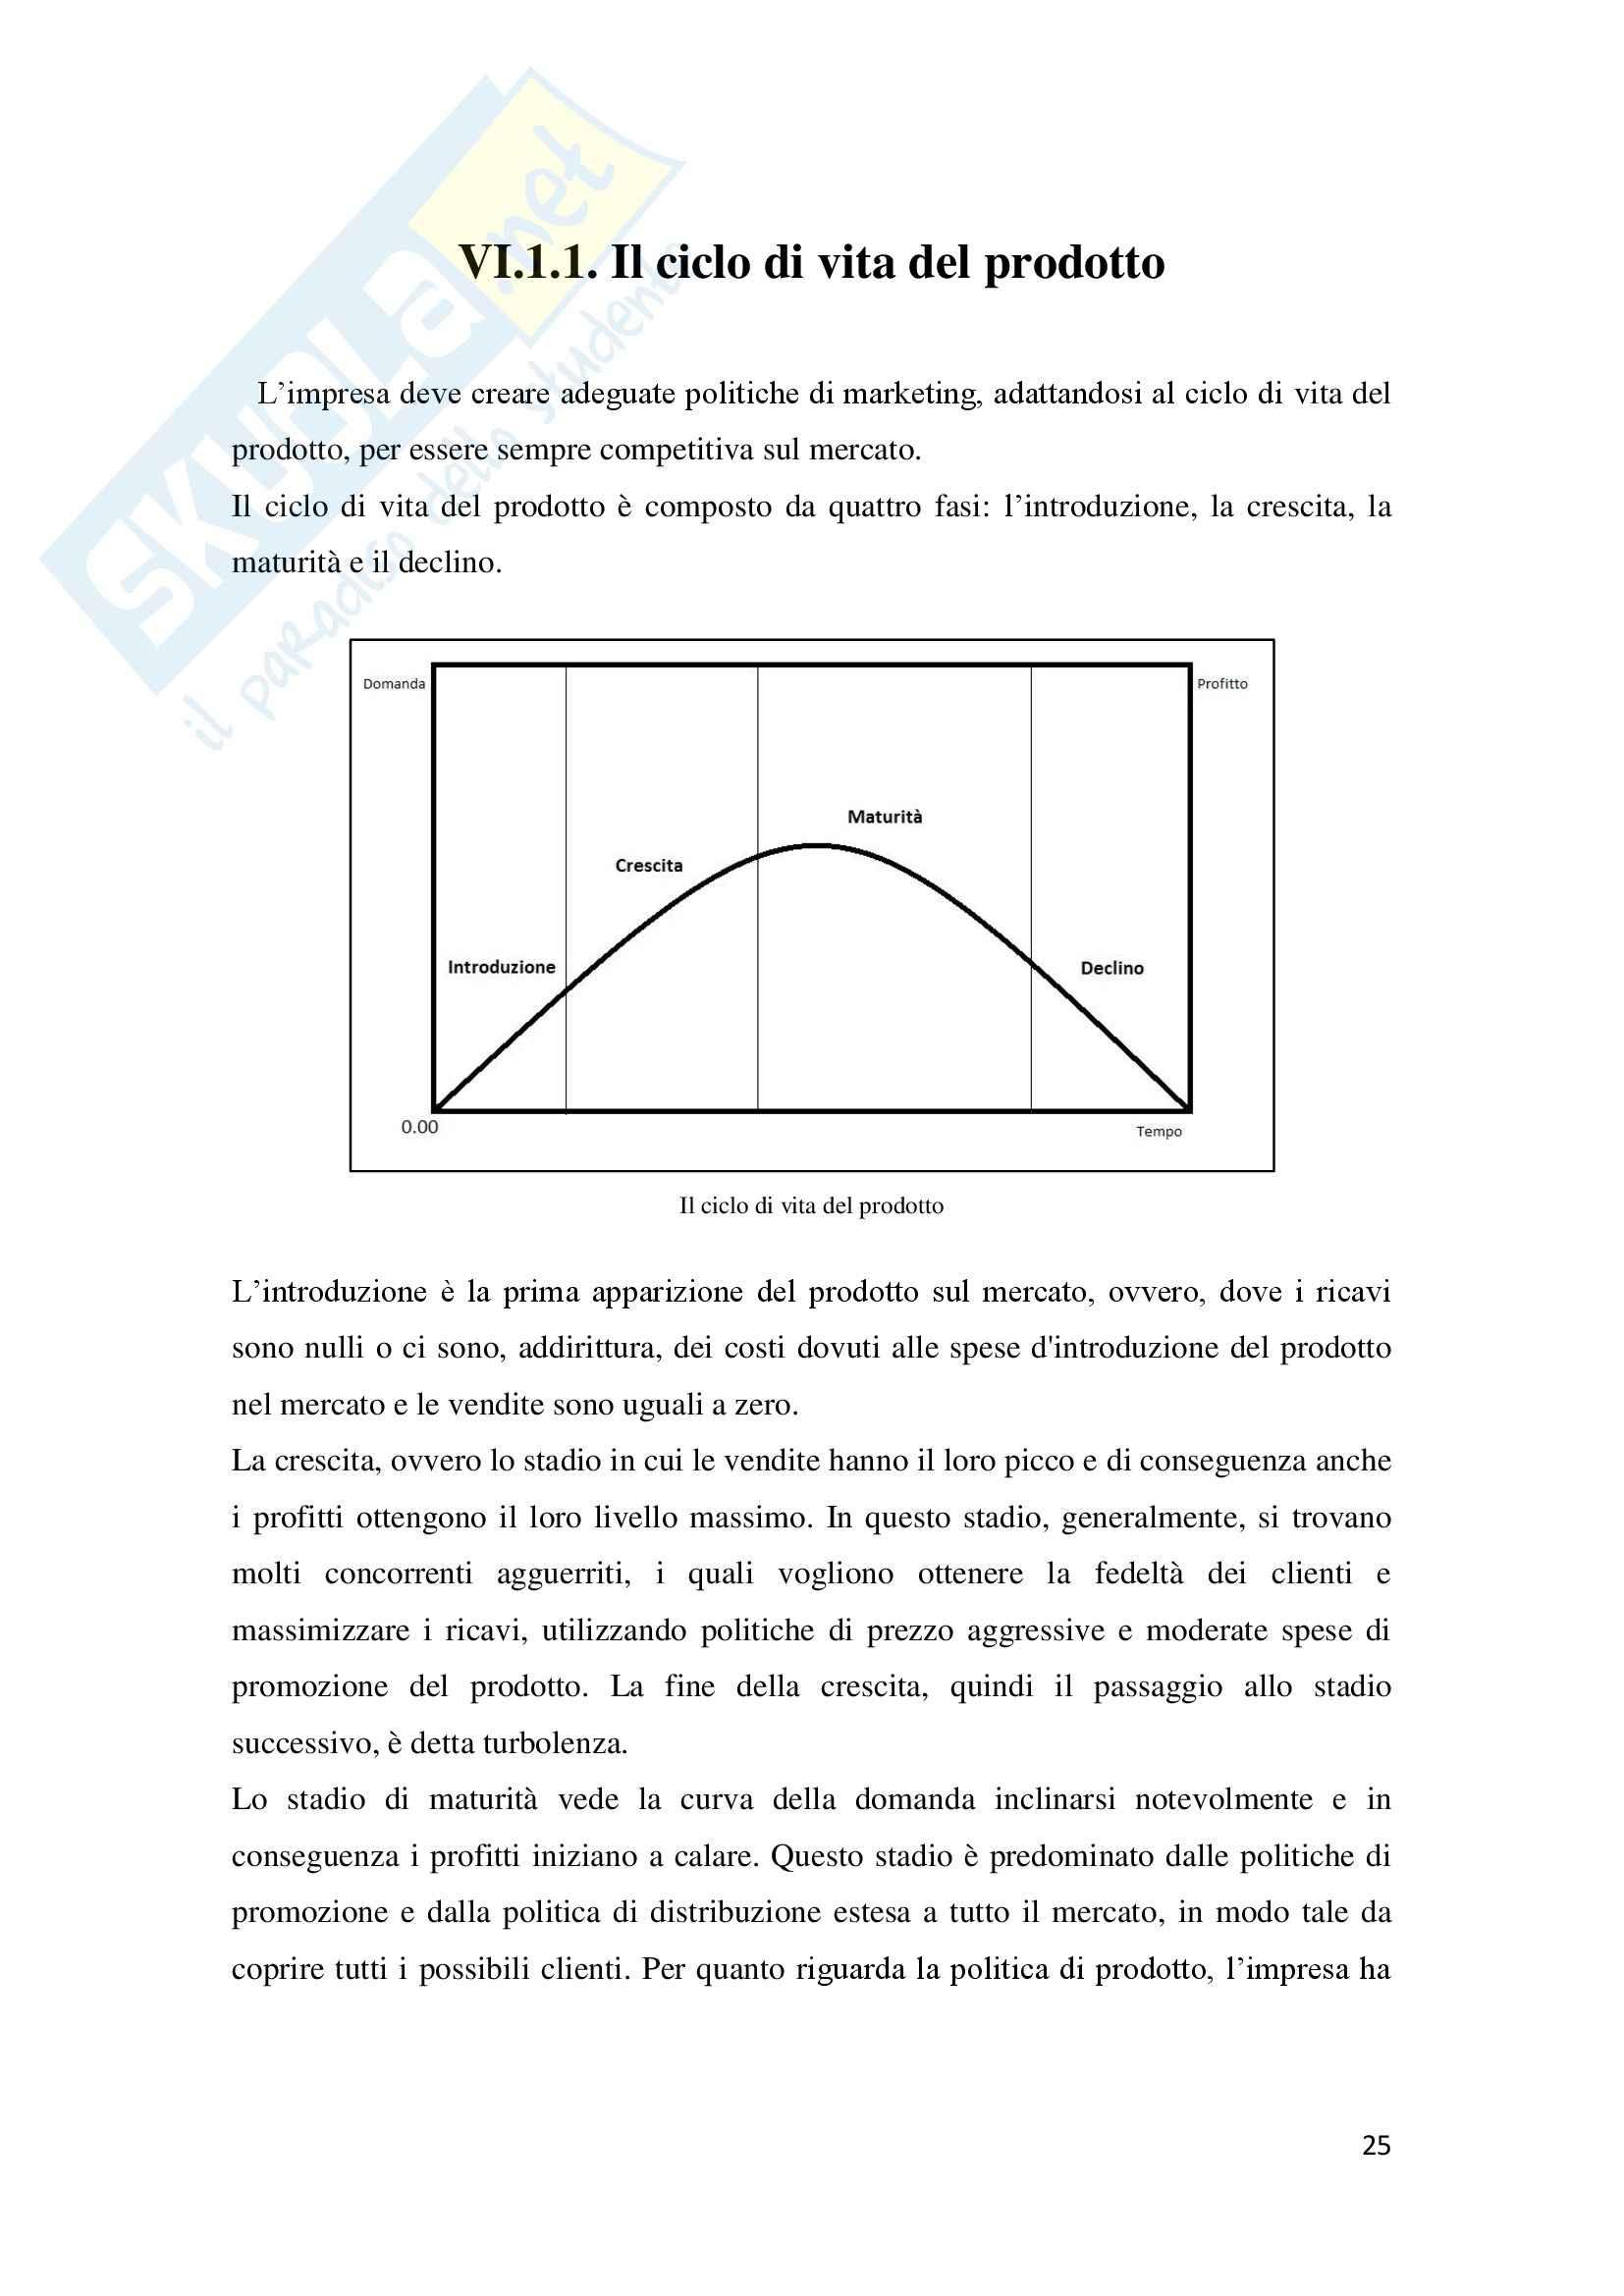 Leve e tecniche di marketing, Organizzazione e controllo aziendale Pag. 26